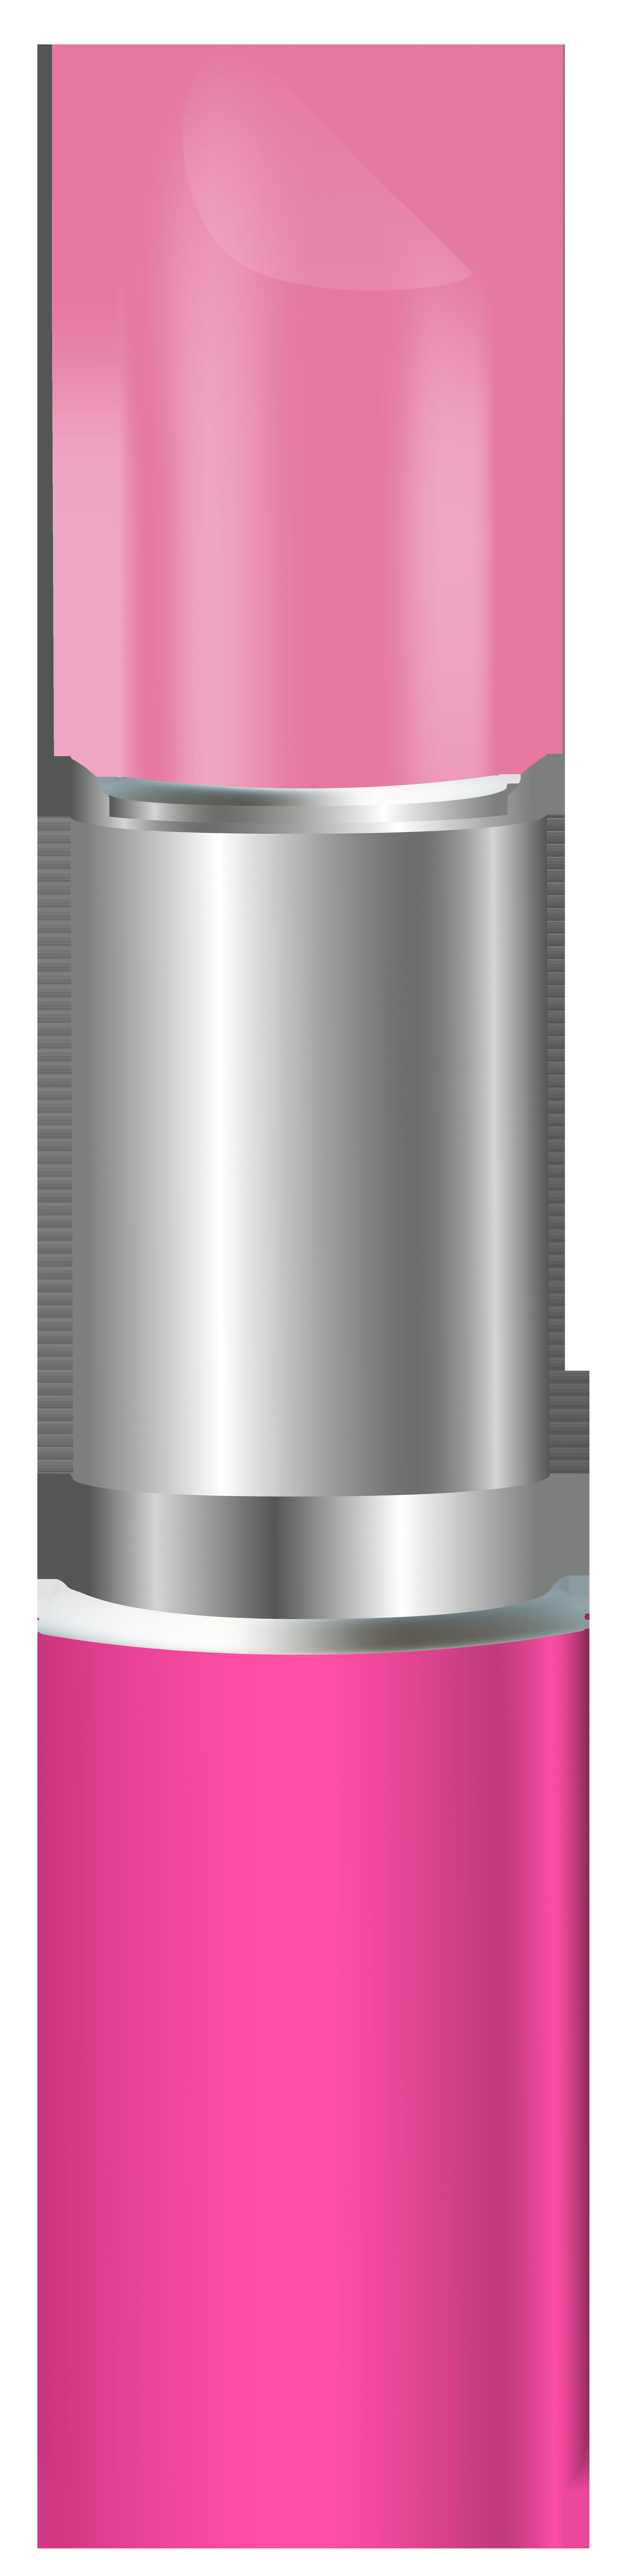 Free Lipstick Cliparts, Download Free Clip Art, Free Clip.